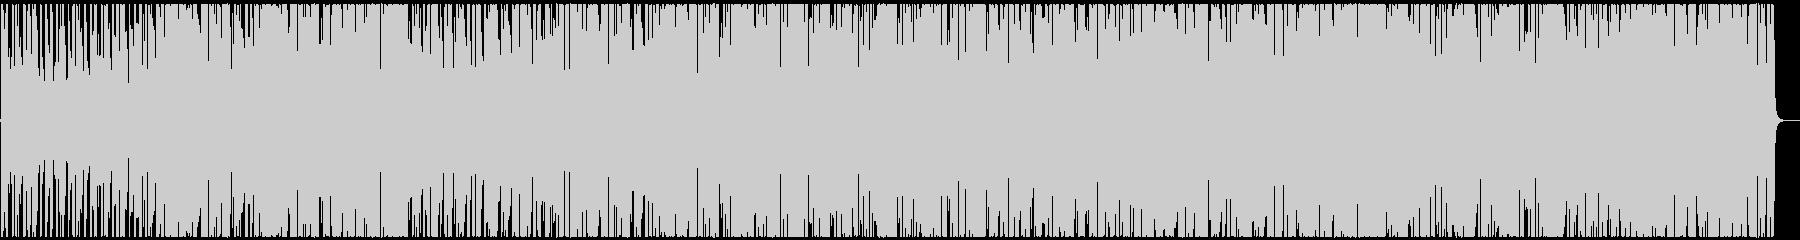 管とスラップベース主体の4つ打ちBGMの未再生の波形